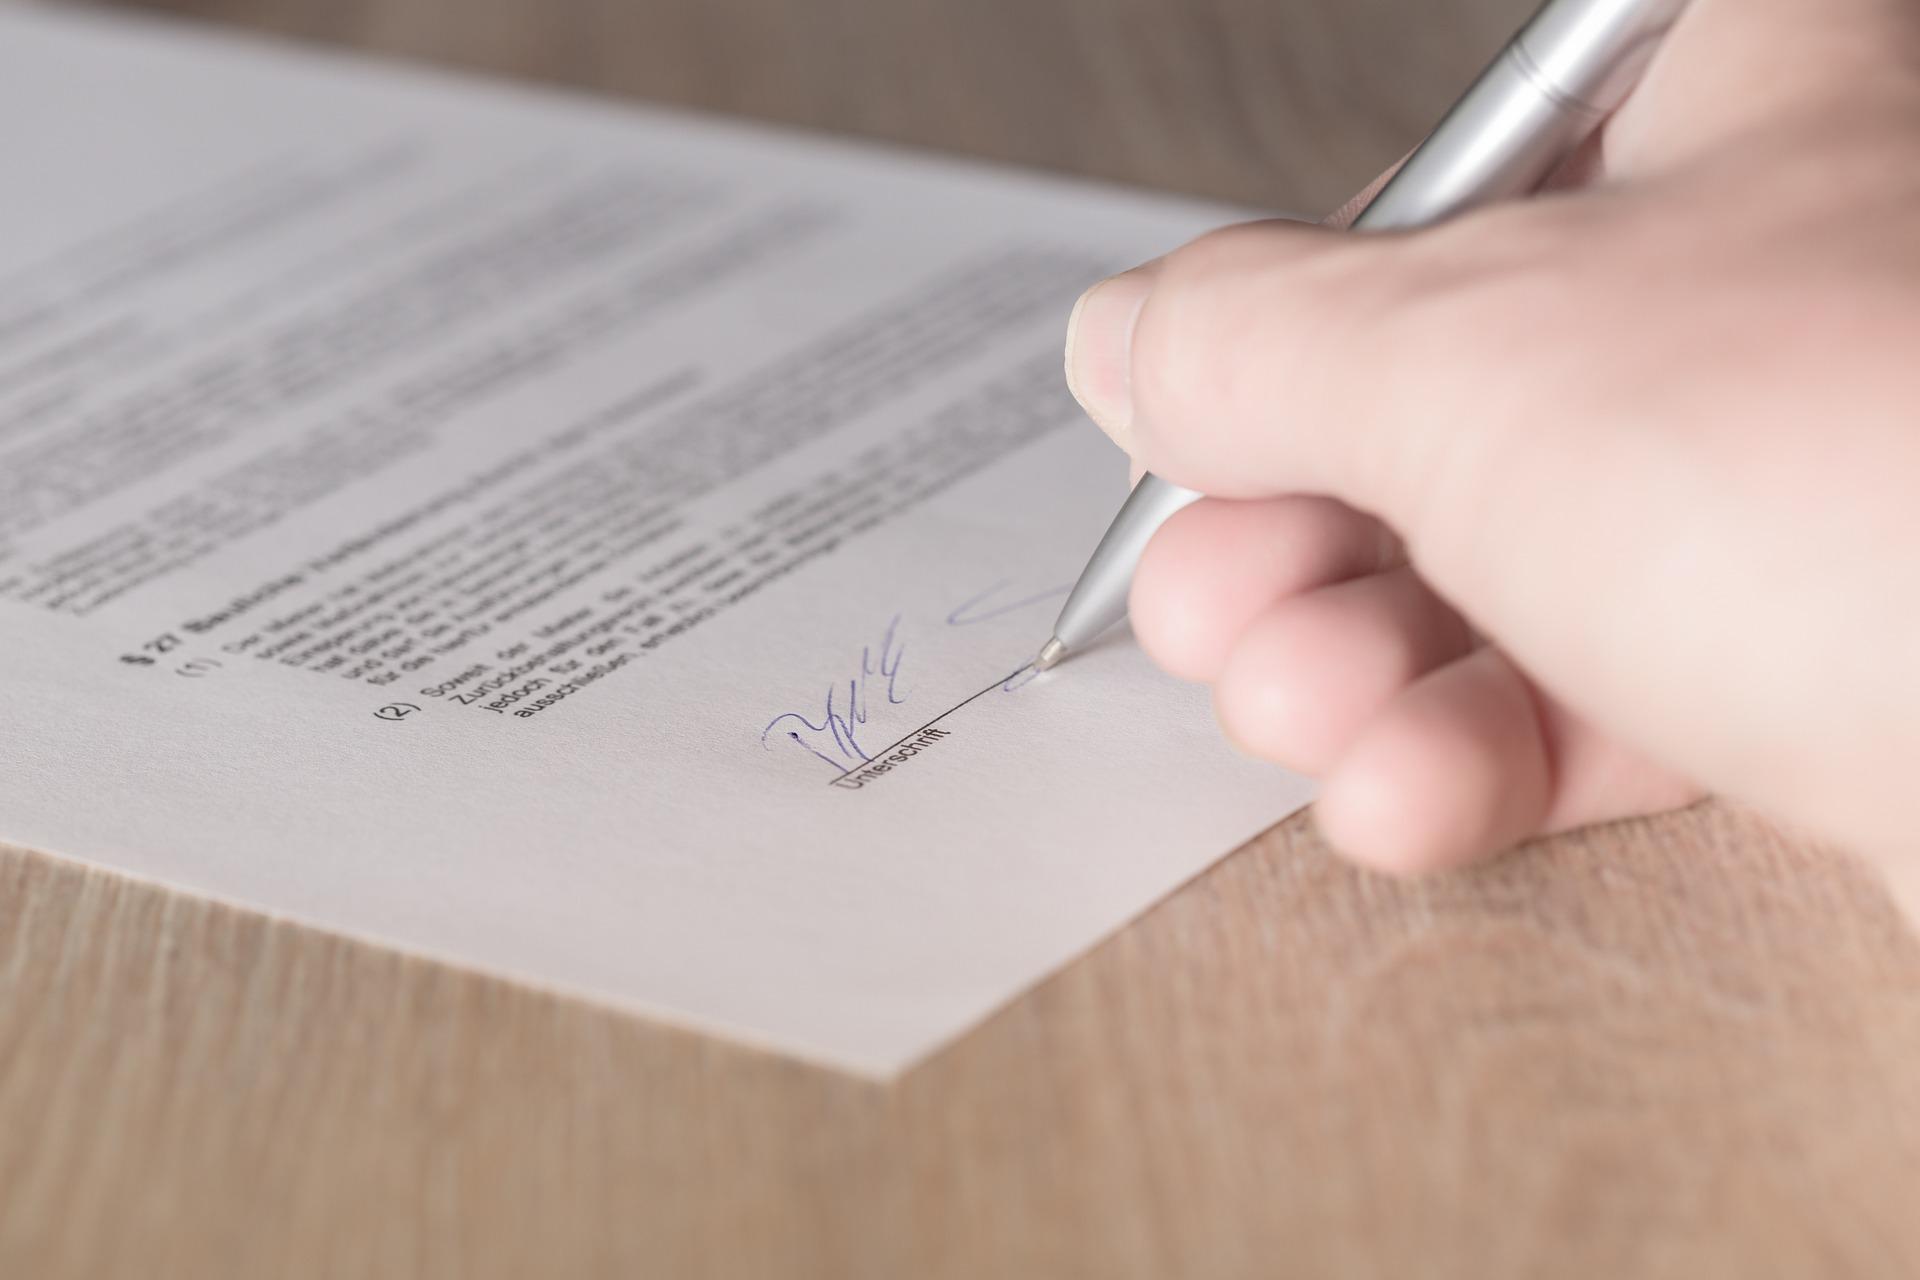 Cornwalls-contractual-mechanisms-for-regulating